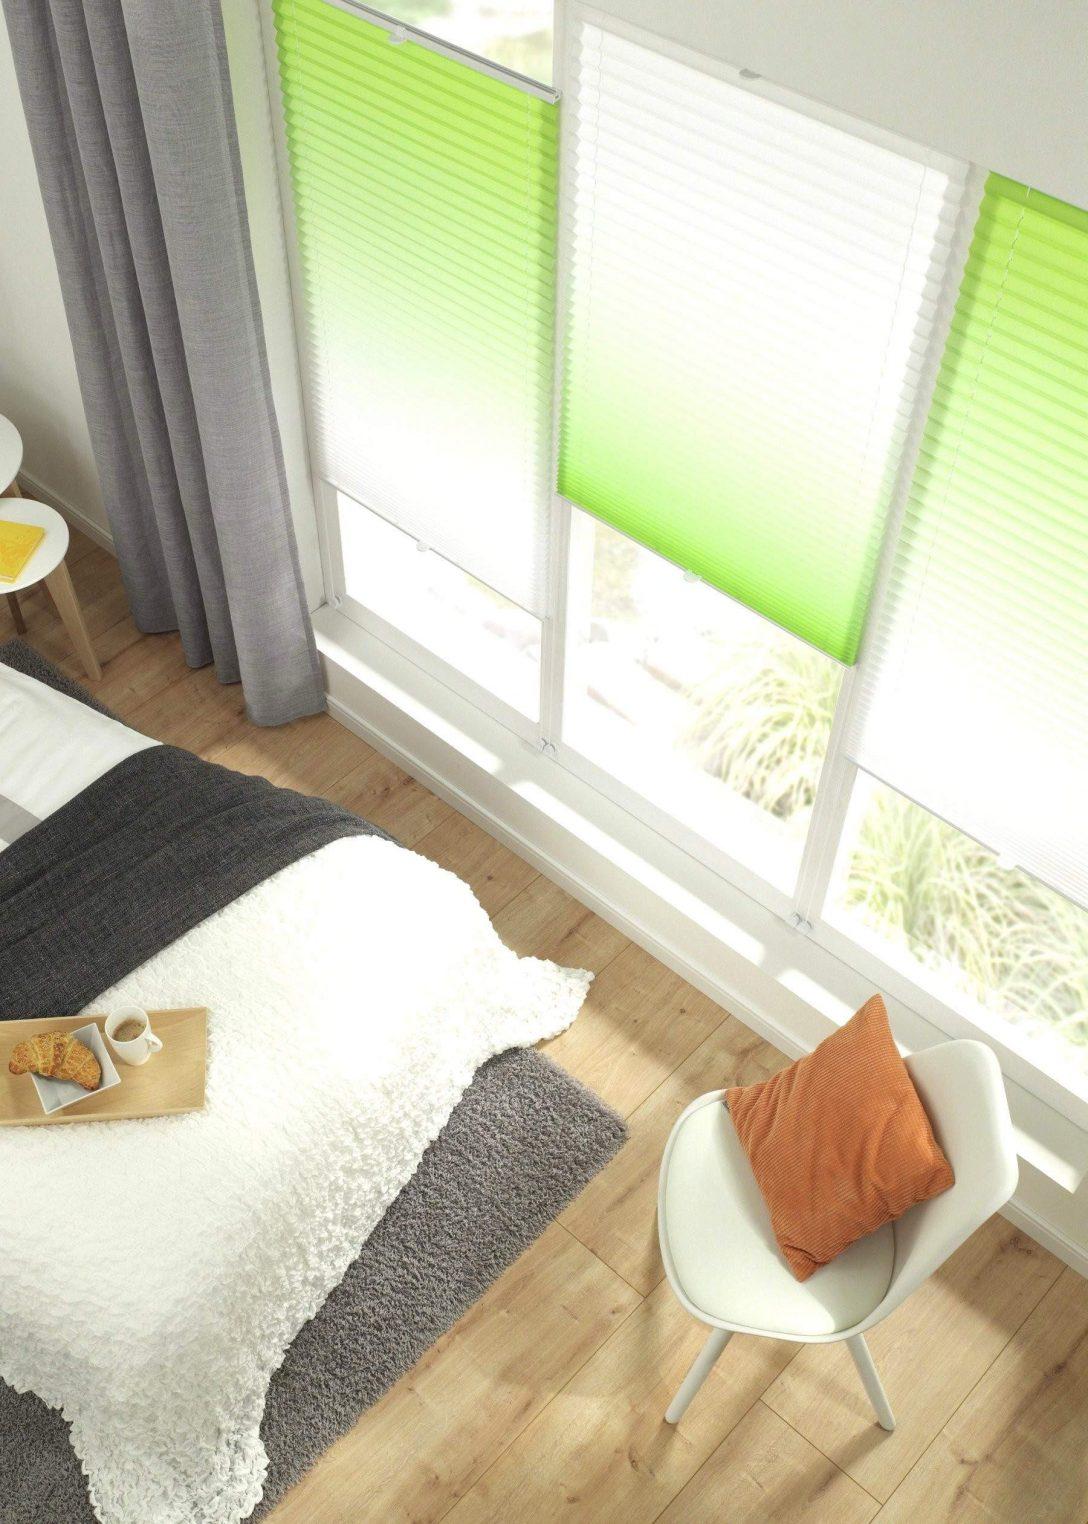 Large Size of Plissee Fenster Wohnzimmer Reizend Inspirierend Rollos Ohne Bohren Einbauen Günstige Reinigen Drutex Alte Kaufen Insektenschutz Kosten Neue Fenster Plissee Fenster